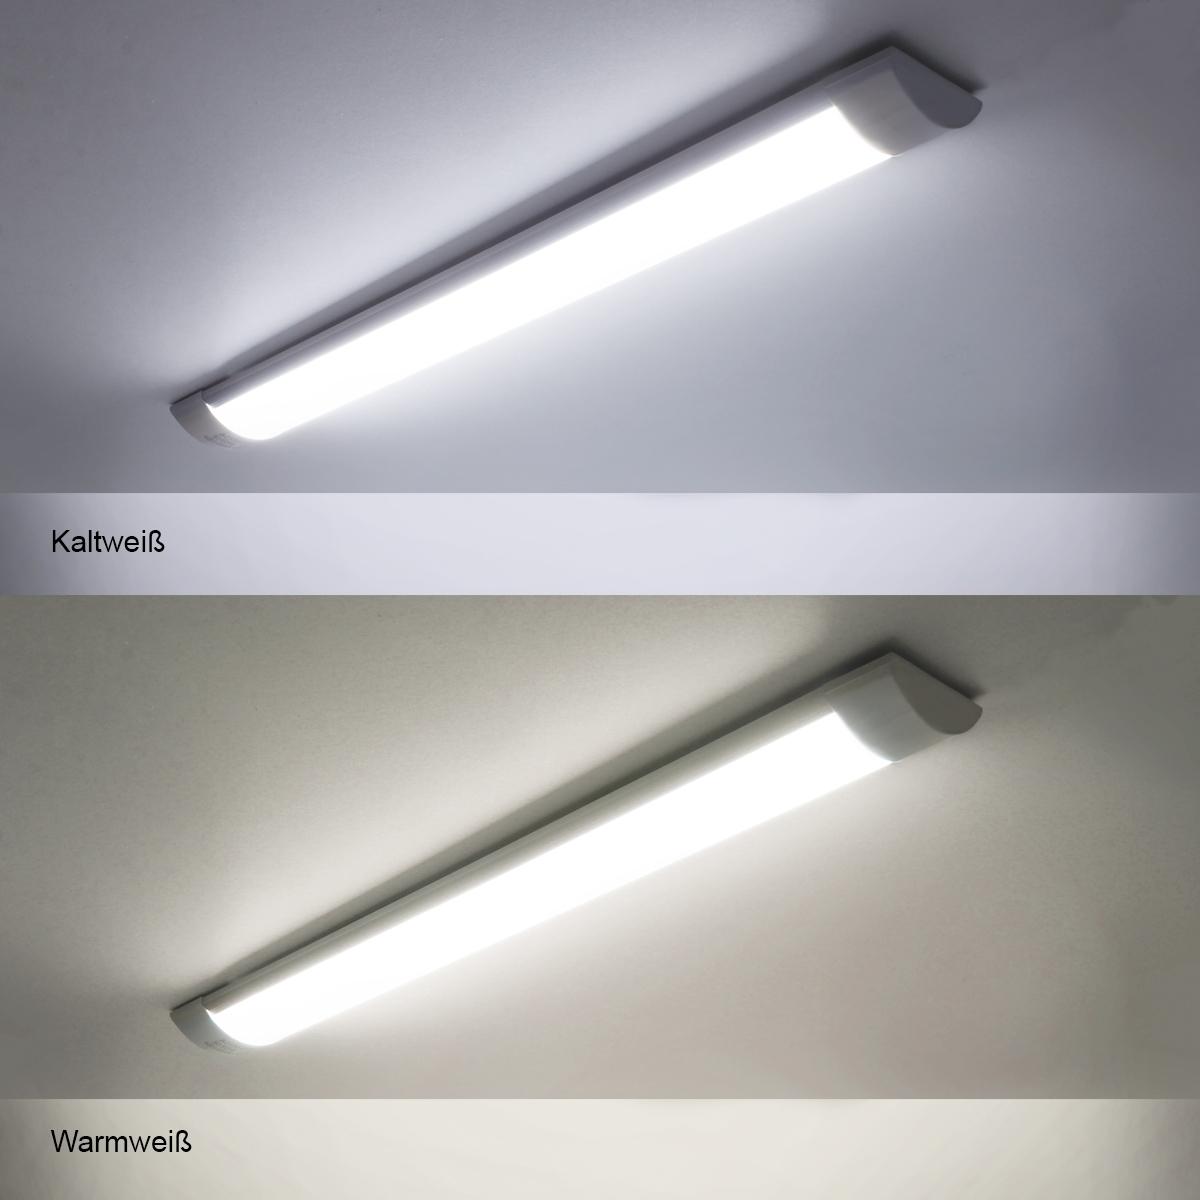 Led deckenleuchte panel lampe licht b rolampe b ro b roleuchte deckenlampe ebay - Led buro deckenleuchte ...